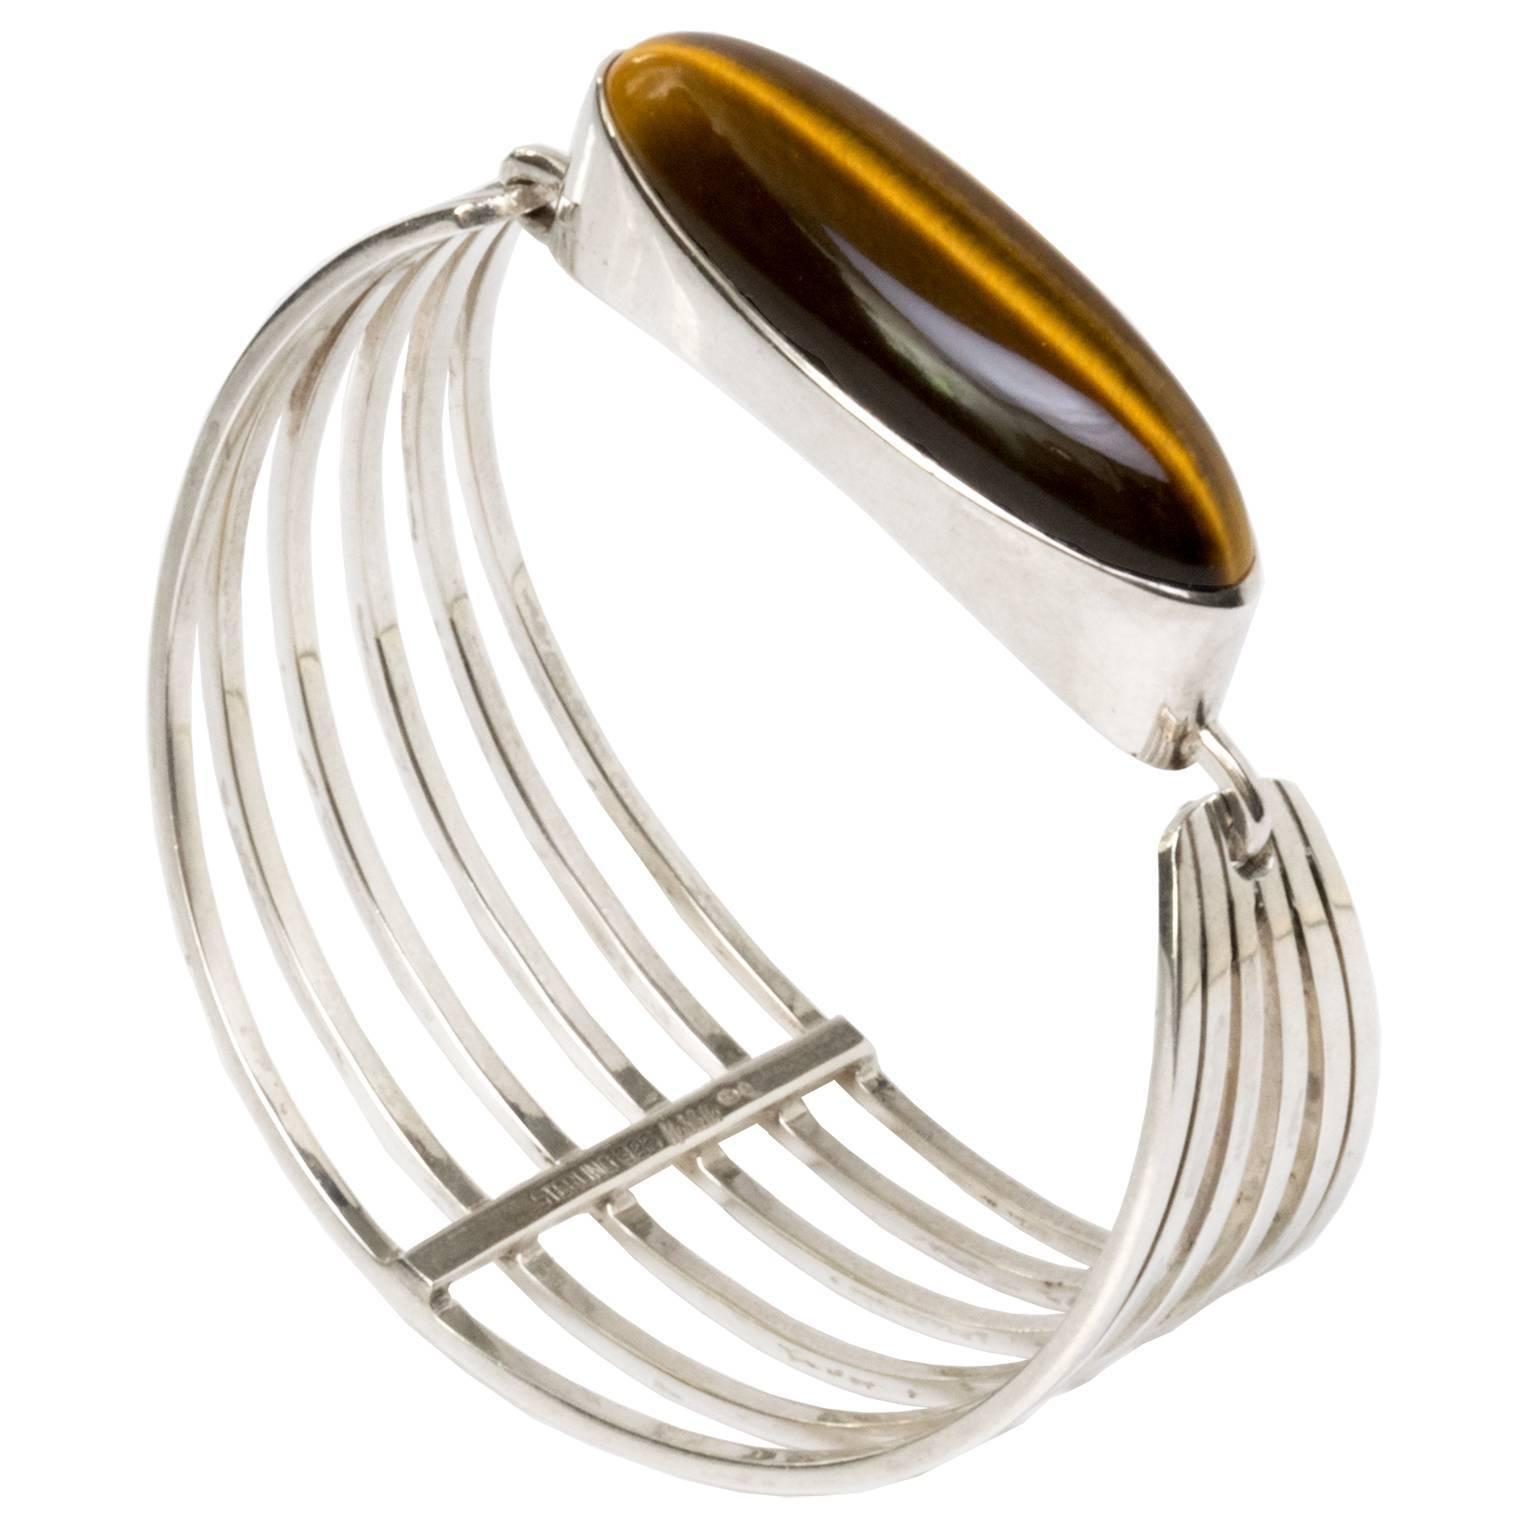 Scandinavian Modern Silver Bracelet with Tigers Eye Stone by Noblelle, Denmark